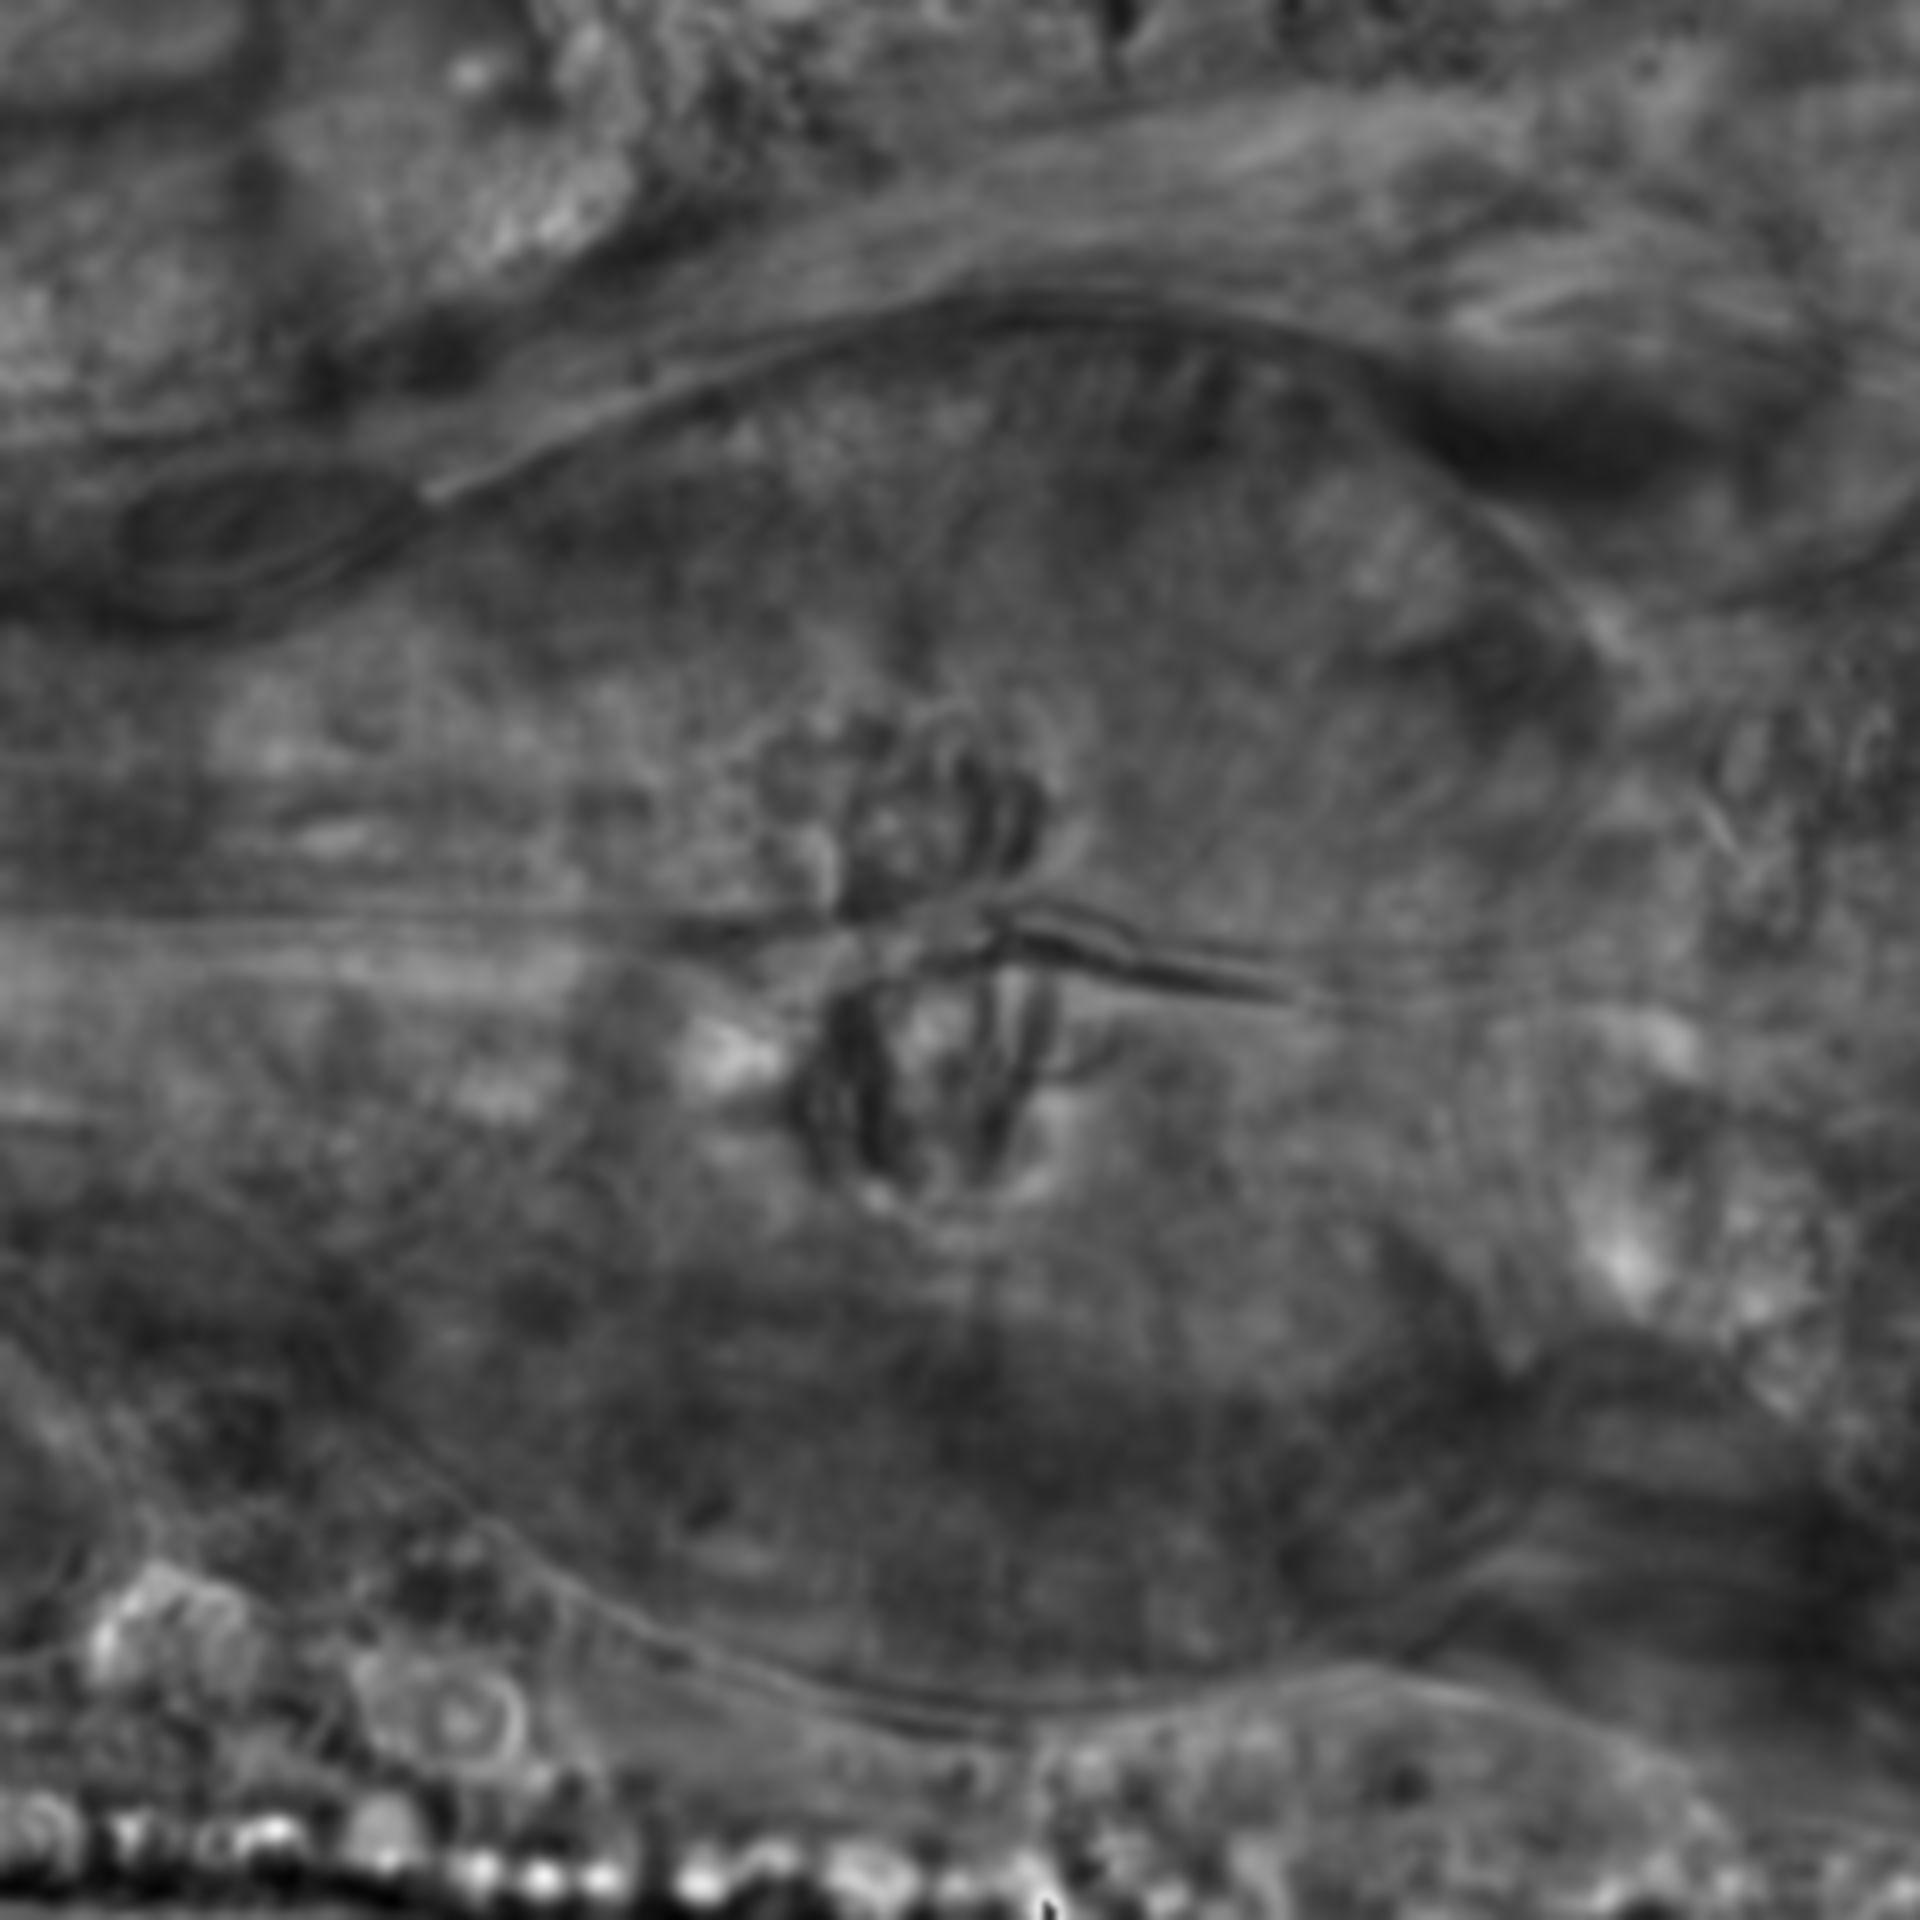 Caenorhabditis elegans - CIL:2149